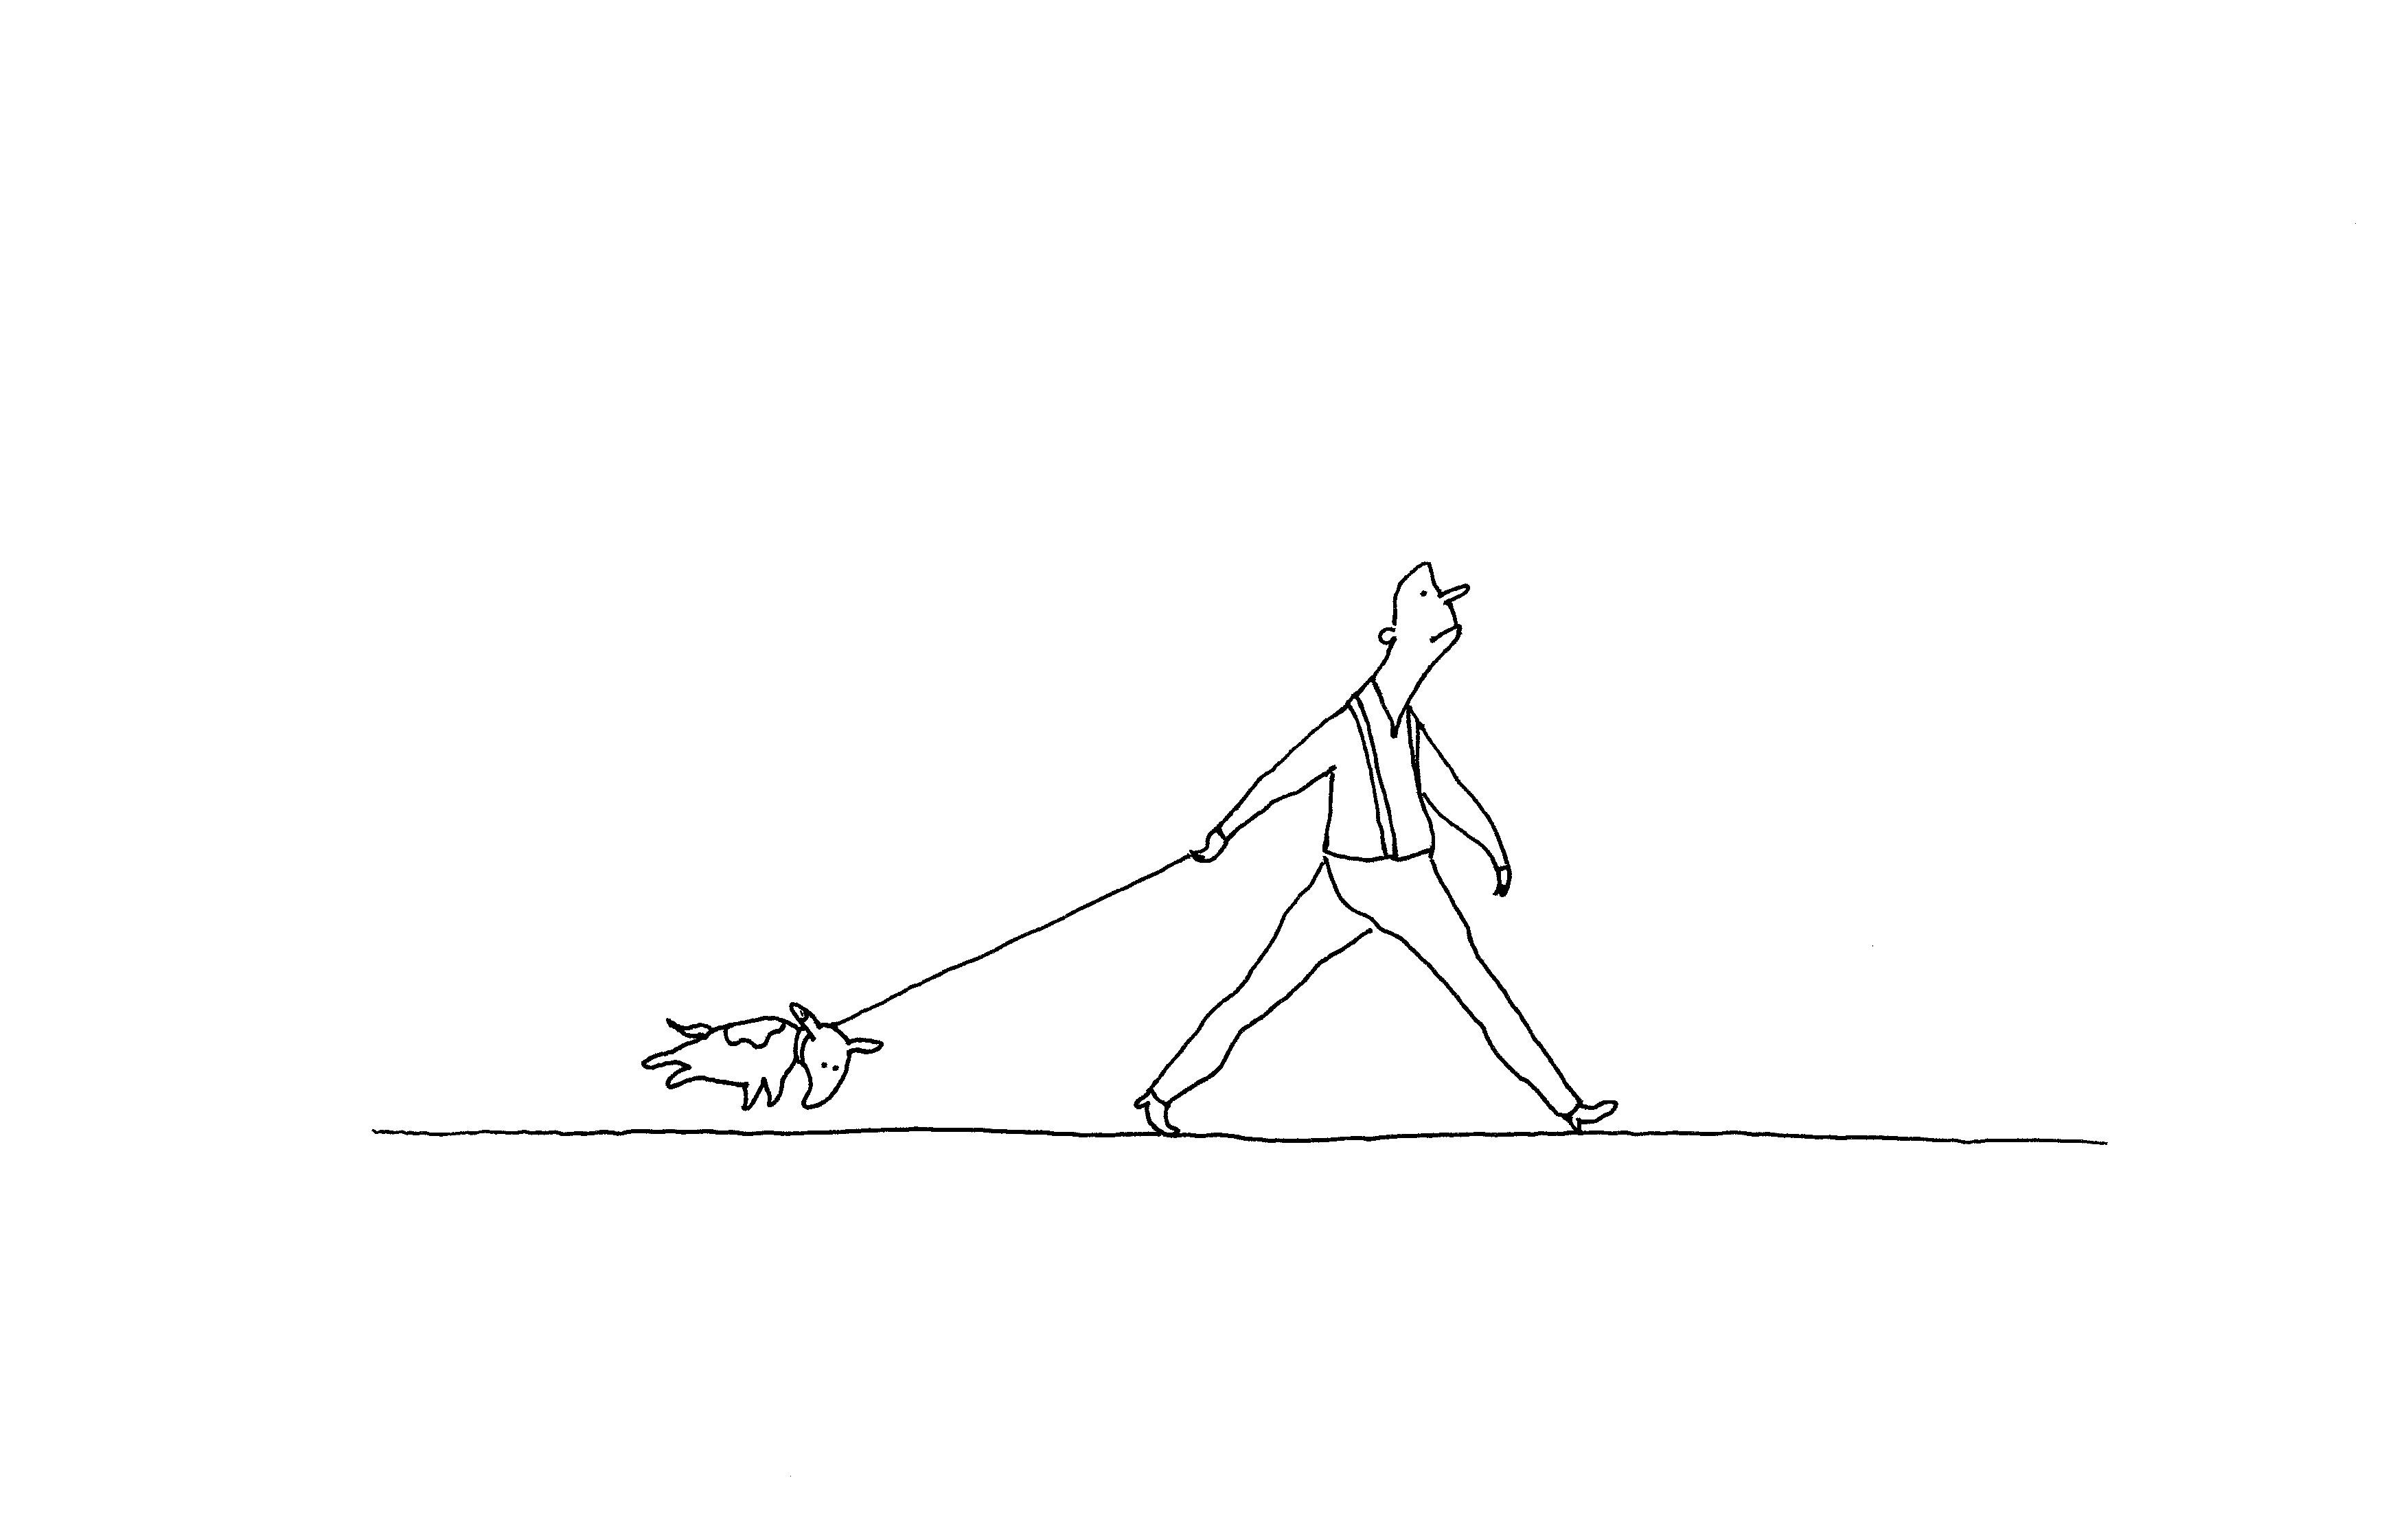 La marche en laisse comme miroir de la relation entre un for Miroir psychologie